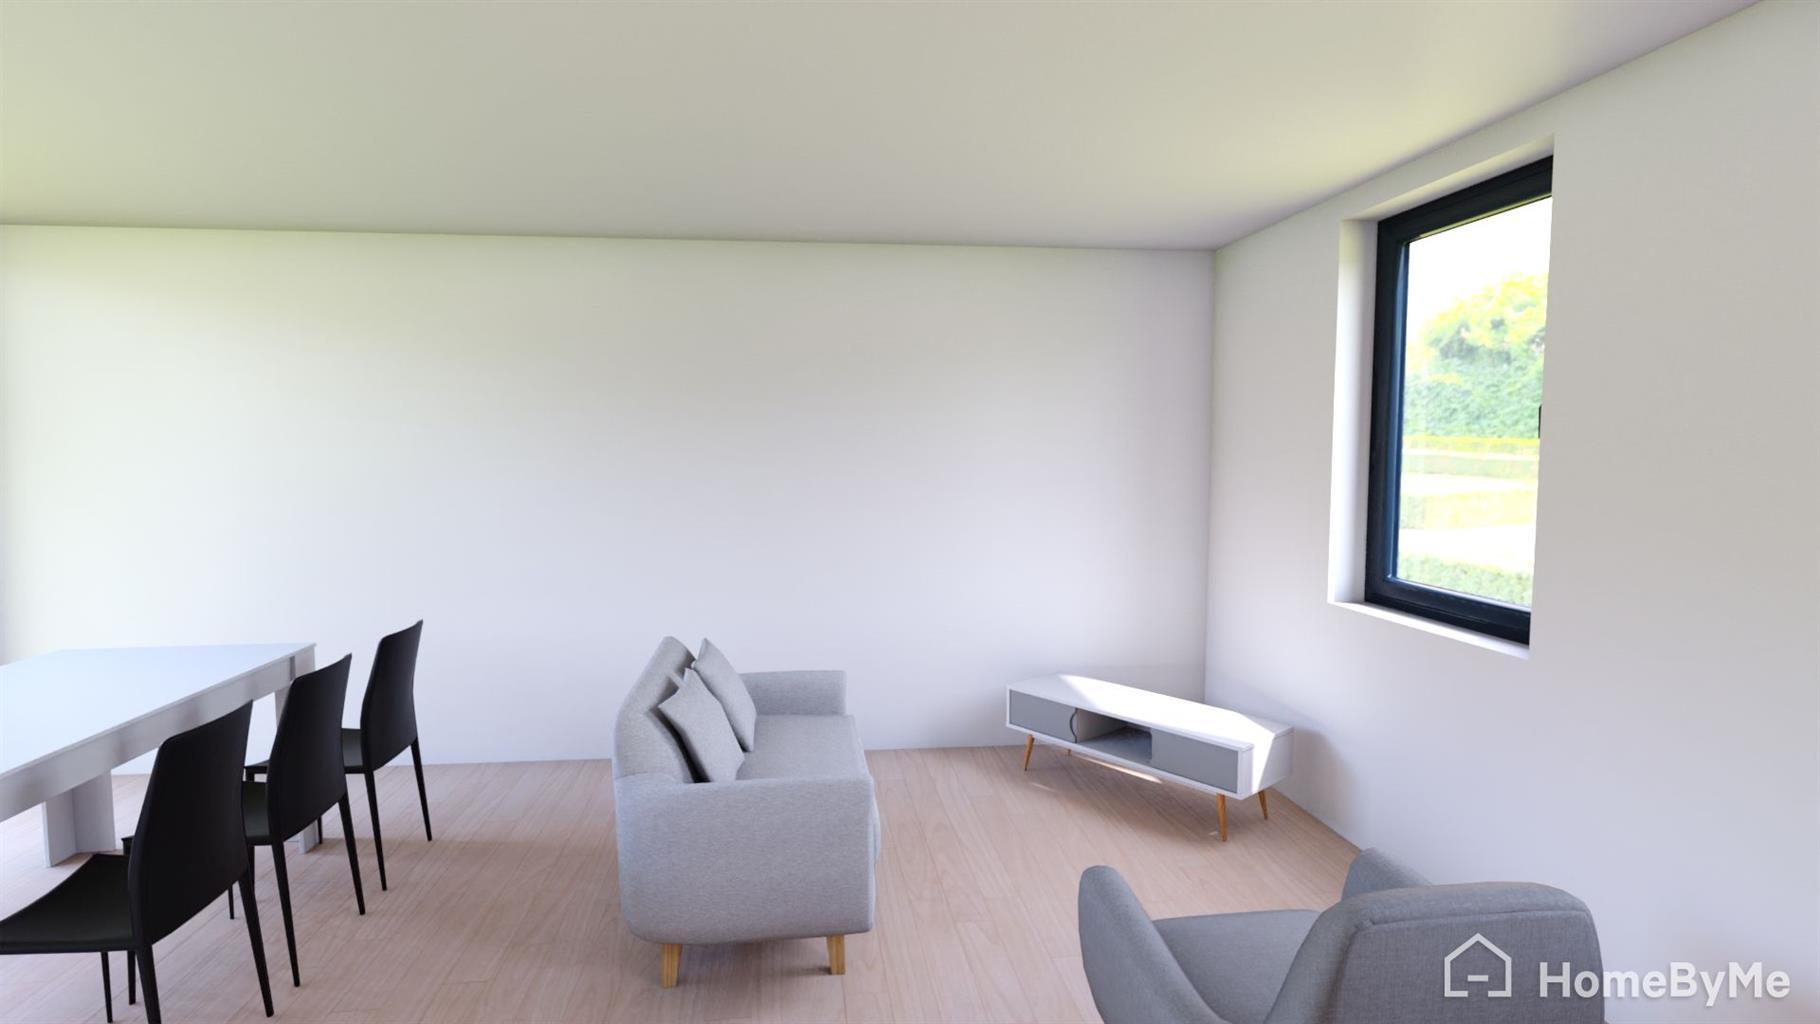 Maison - Braine-le-Comte - #4082170-9